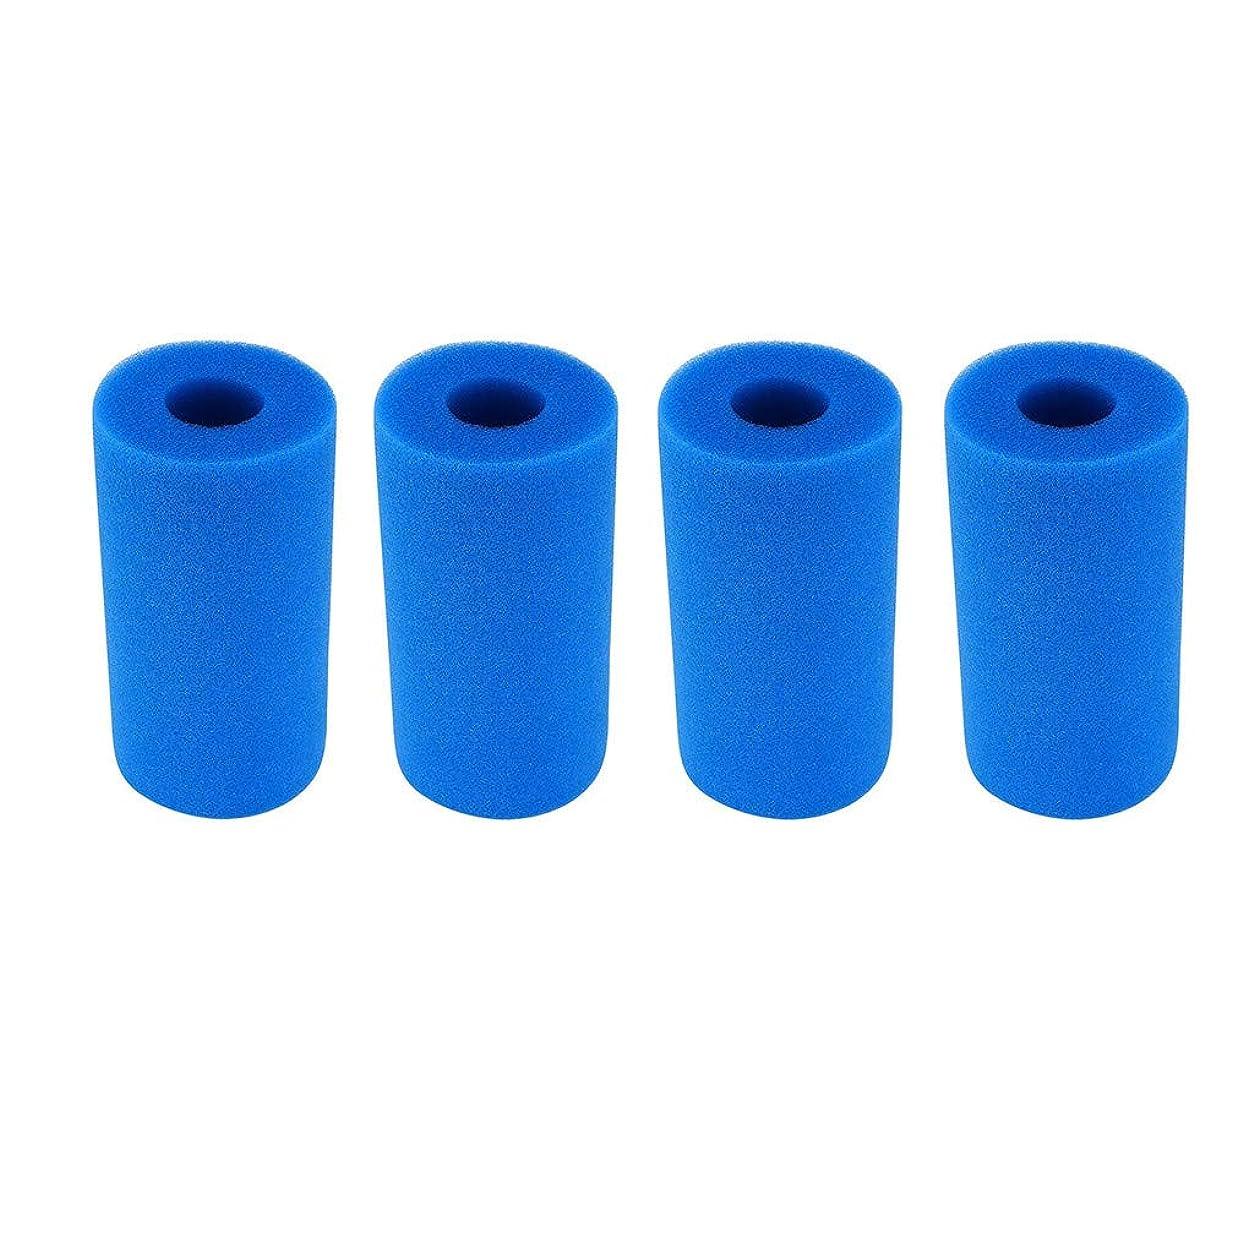 修正するドライ情報4個 フォームフィルターセット フォームアクアリウムフィルター プールフィルター フィルターを交換してください うまくいきます 置き換える交換が容易 プールアクセサリー (ブルー)